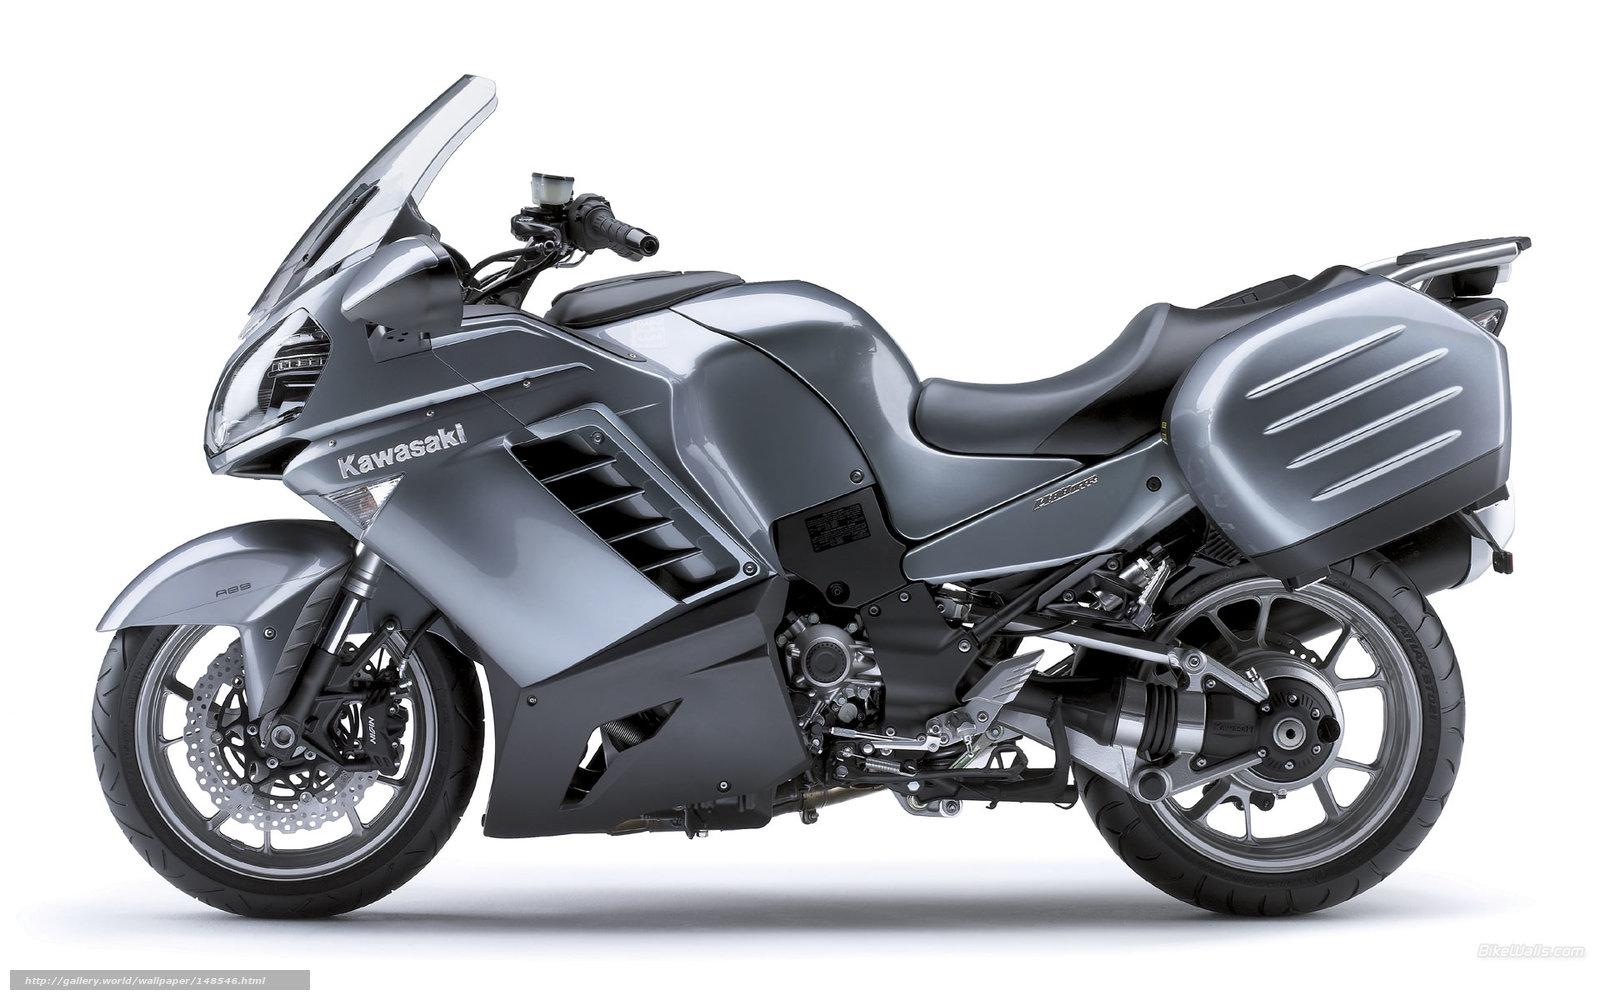 scaricare gli sfondi Kawasaki,  Tourer,  1400 GTR,  1400 GTR 2008 Sfondi gratis per la risoluzione del desktop 1920x1200 — immagine №148546